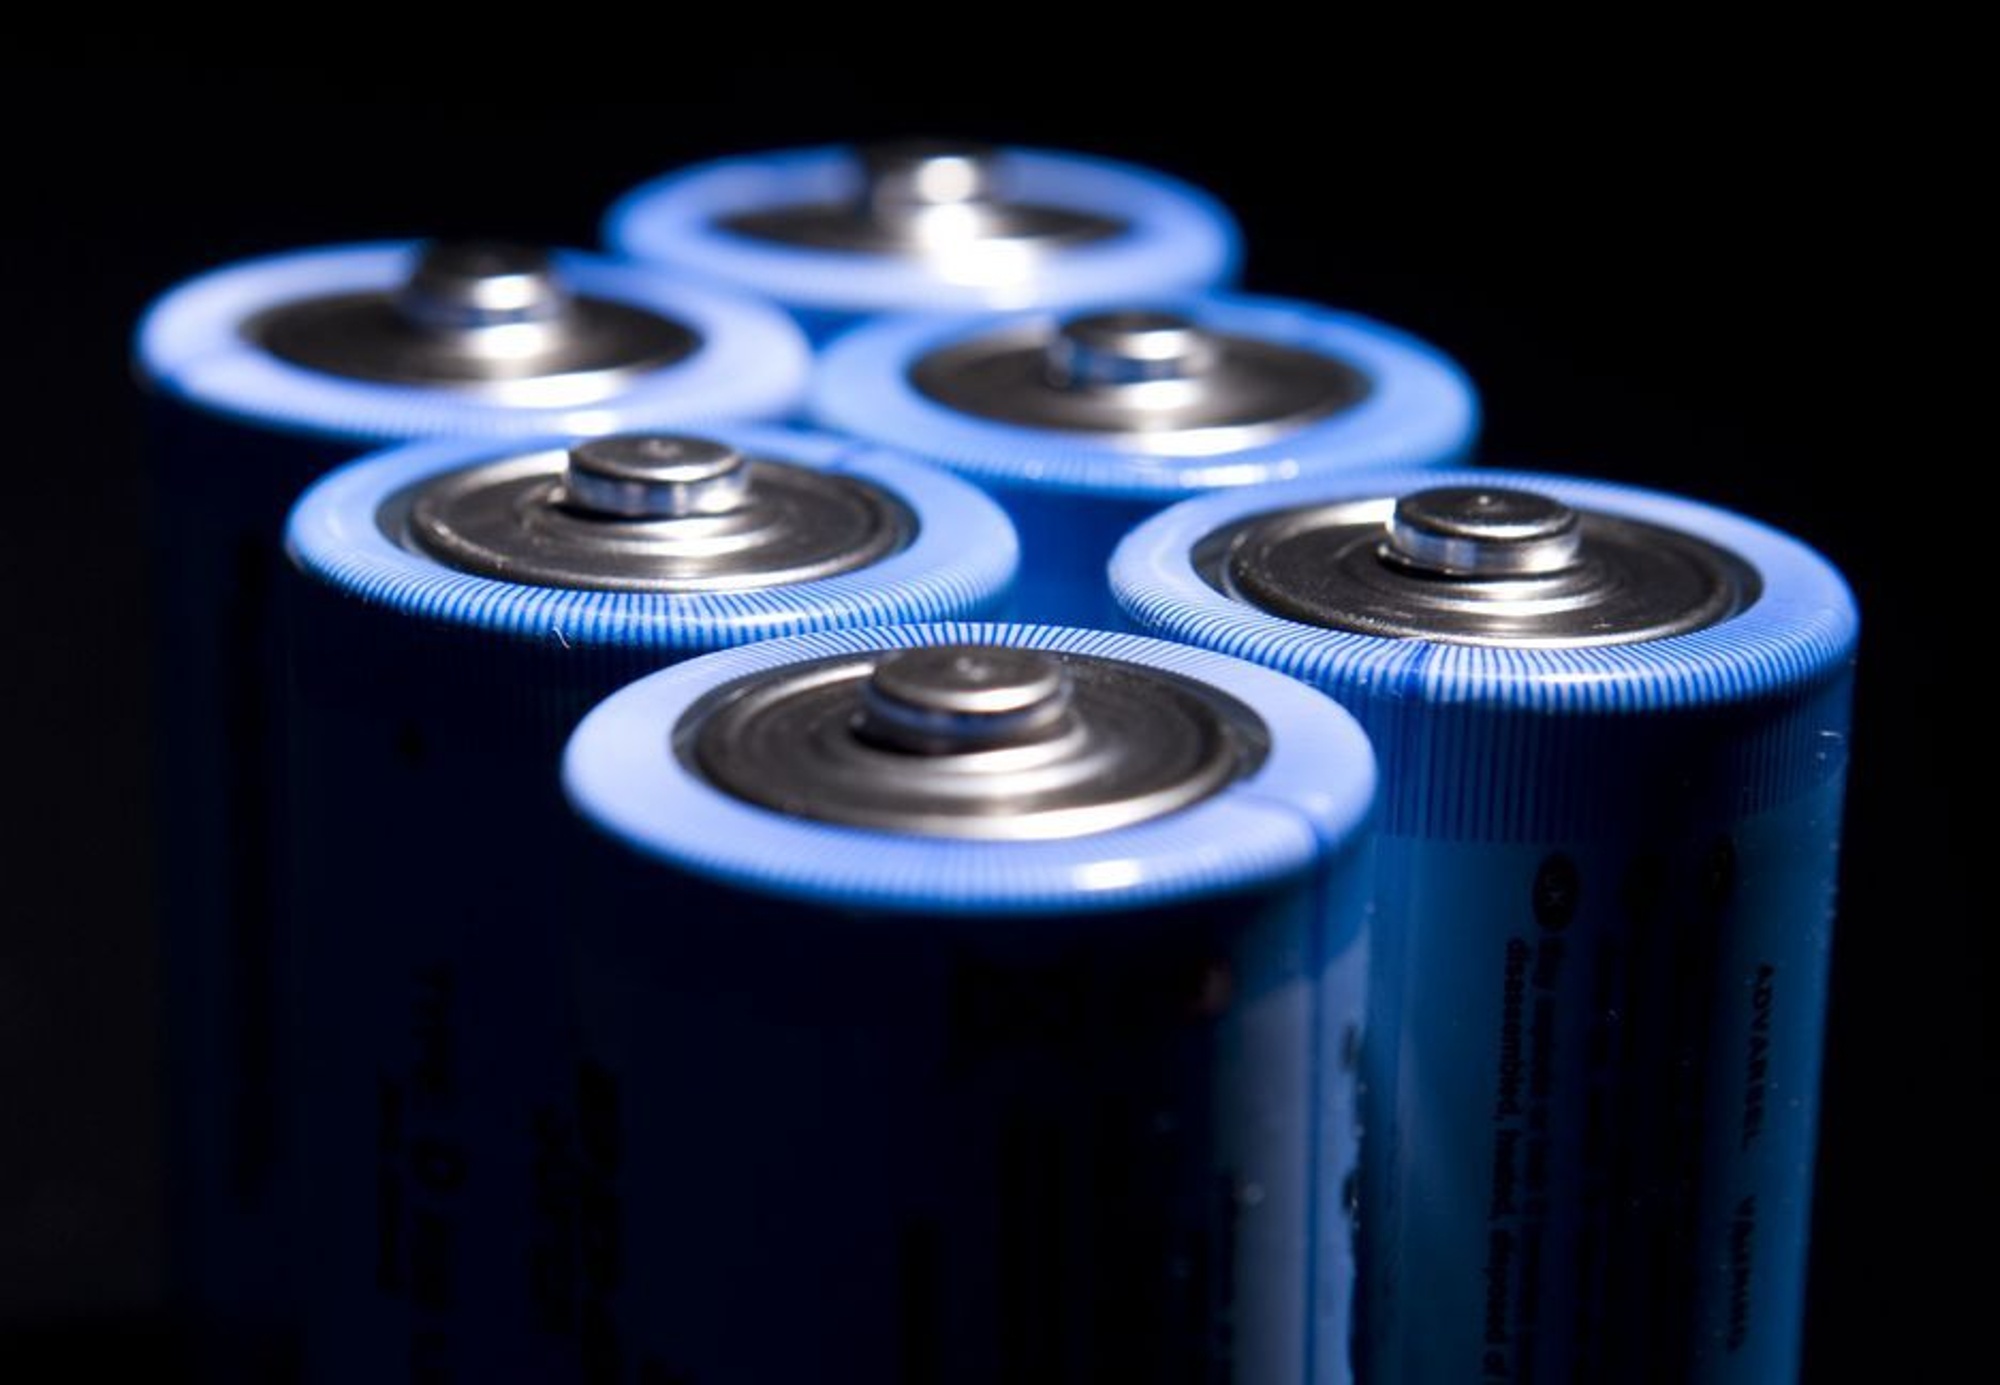 Batterier laget av litiumsulfid og silisium kan bli litiumionebatterienes avløsere. Men først må en rekke utfordringer løses.